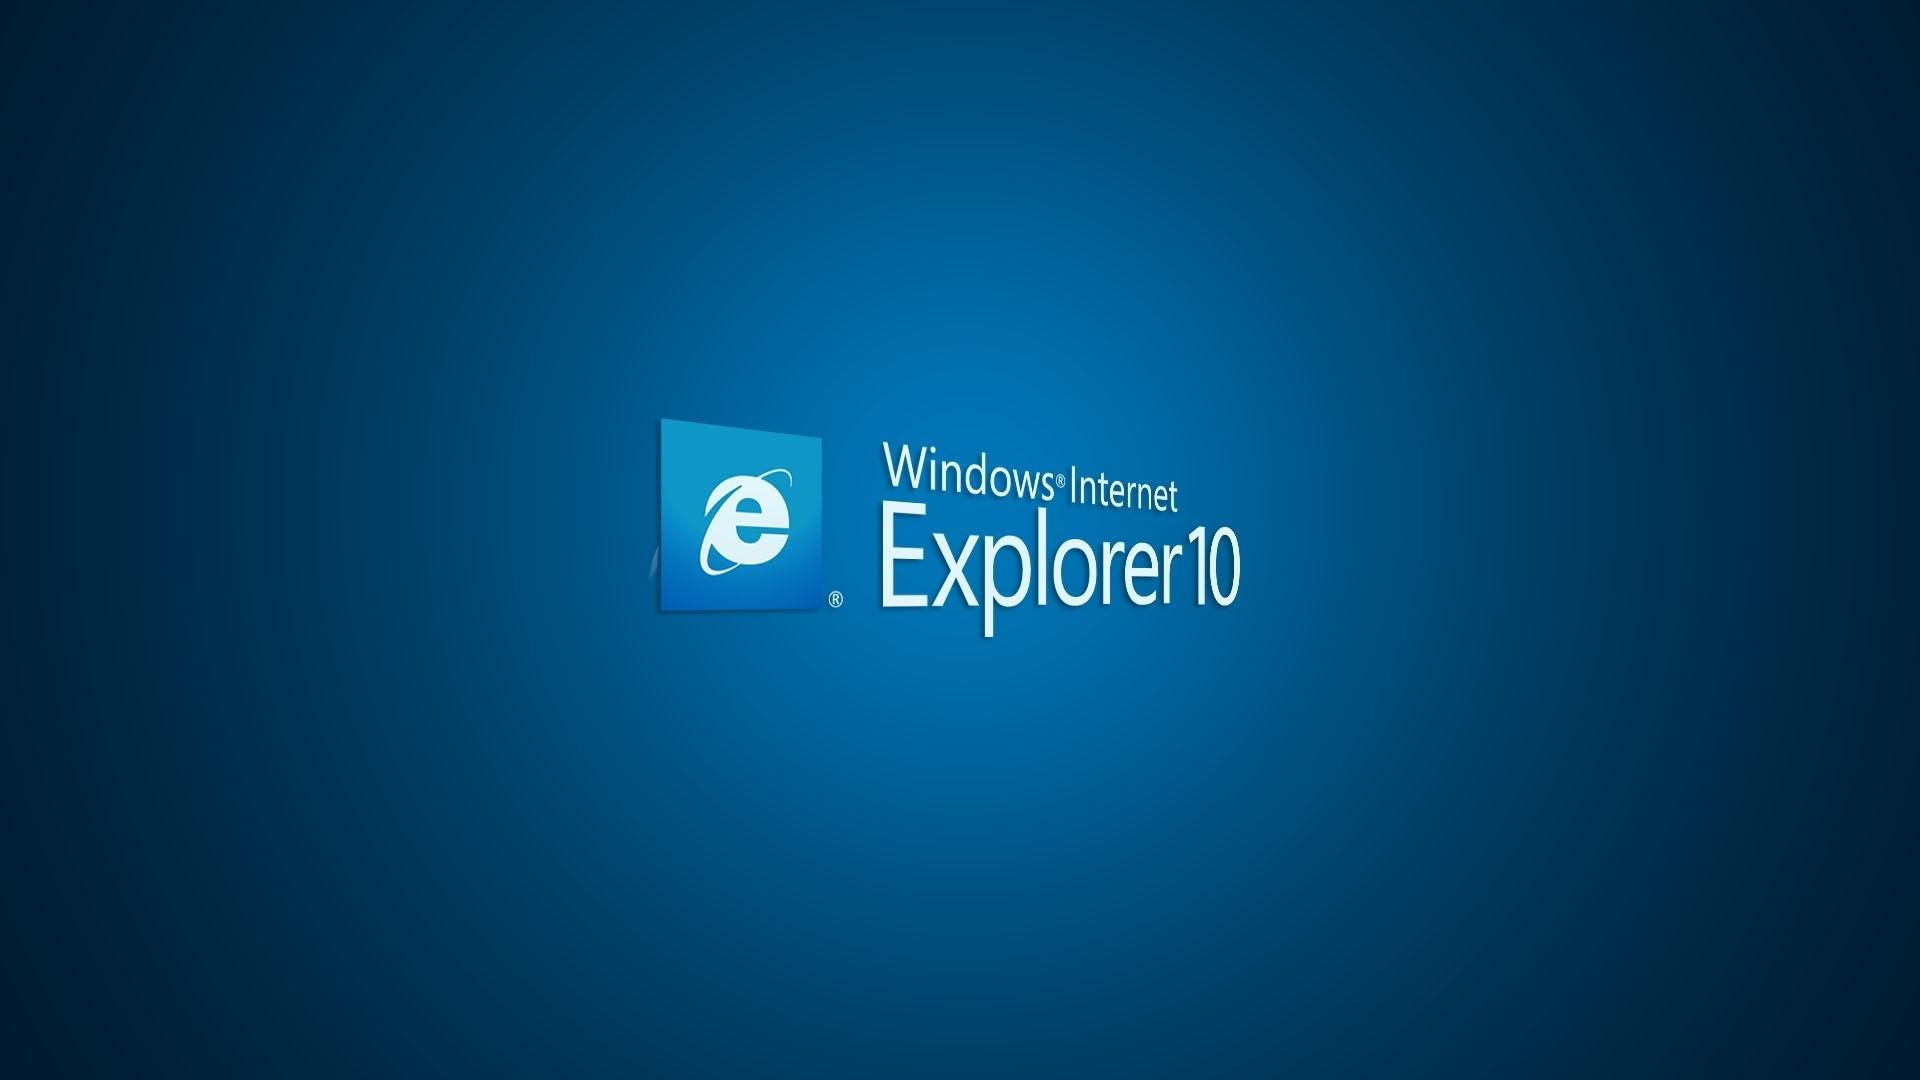 Windows 8 Wallpaper Hd 175041 1920x1080